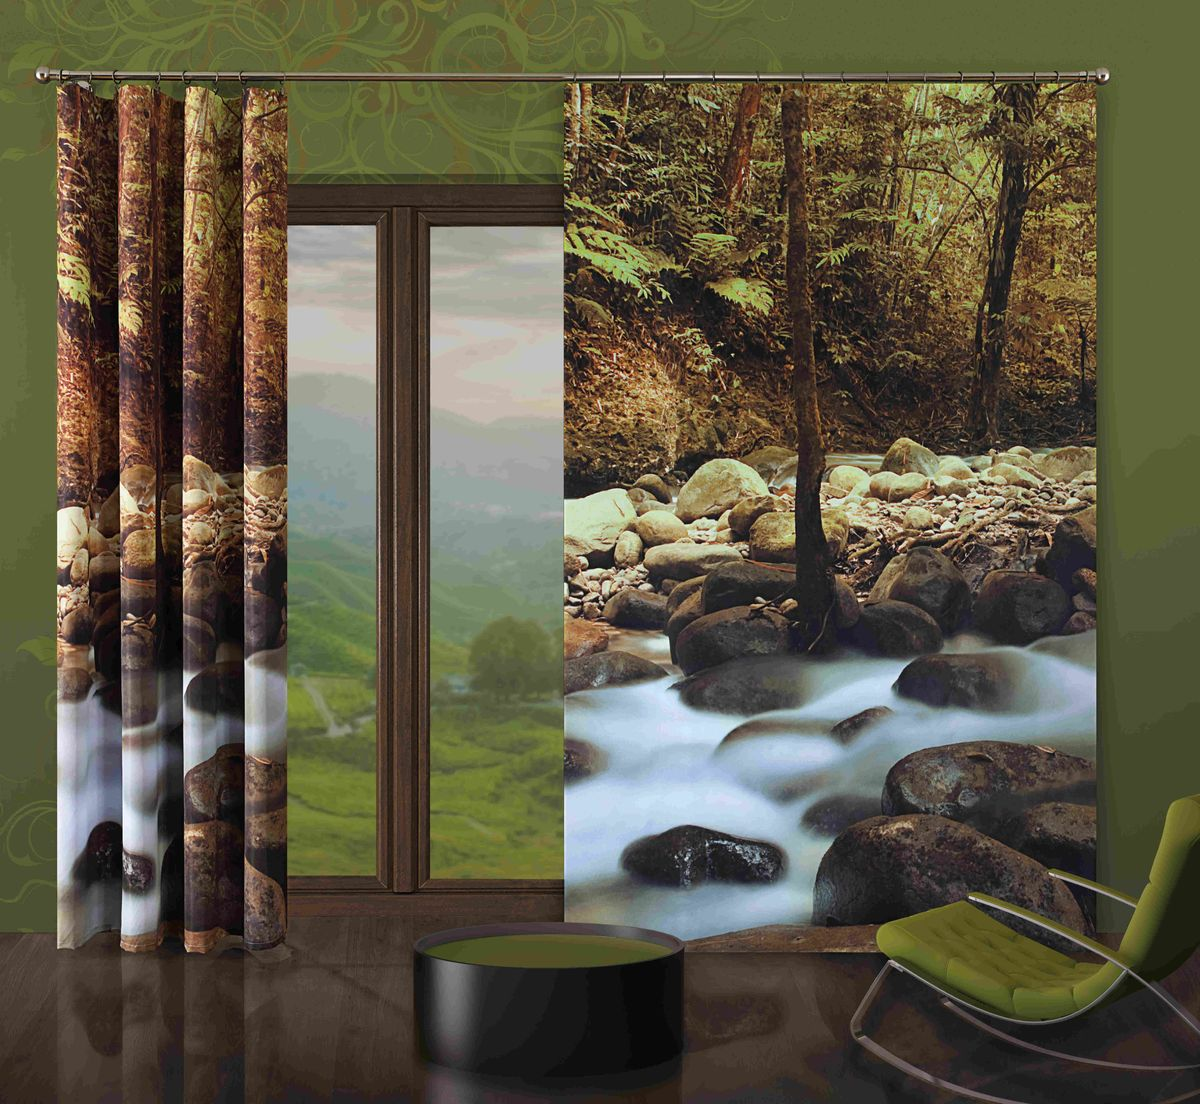 Комплект гардин-панно Wisan Kamienie, на ленте, цвет: коричневый, серый, высота 250 см271WКомплект гардин-панно Wisan Kamienie, изготовленный из полиэстера, станет великолепным украшением любого окна. В комплект входят 2 плотные гардины с изображением камней и леса.Качественный материал, оригинальный дизайн и приятная цветовая гамма привлекут к себе внимание и органично впишутся в интерьер. Комплект оснащен шторной лентой для красивой сборки.В комплект входит: Гардин-панно - 2 шт. Размер (ШхВ): 150 см х 250 см. Фирма Wisan на польском рынке существует уже более пятидесяти лет и является одной из лучших польских фабрик по производству штор и тканей. Ассортимент фирмы представлен готовыми комплектами штор для гостиной, детской, кухни, а также текстилем для кухни (скатерти, салфетки, дорожки, кухонные занавески). Модельный ряд отличает оригинальный дизайн, высокое качество. Ассортимент продукции постоянно пополняется.